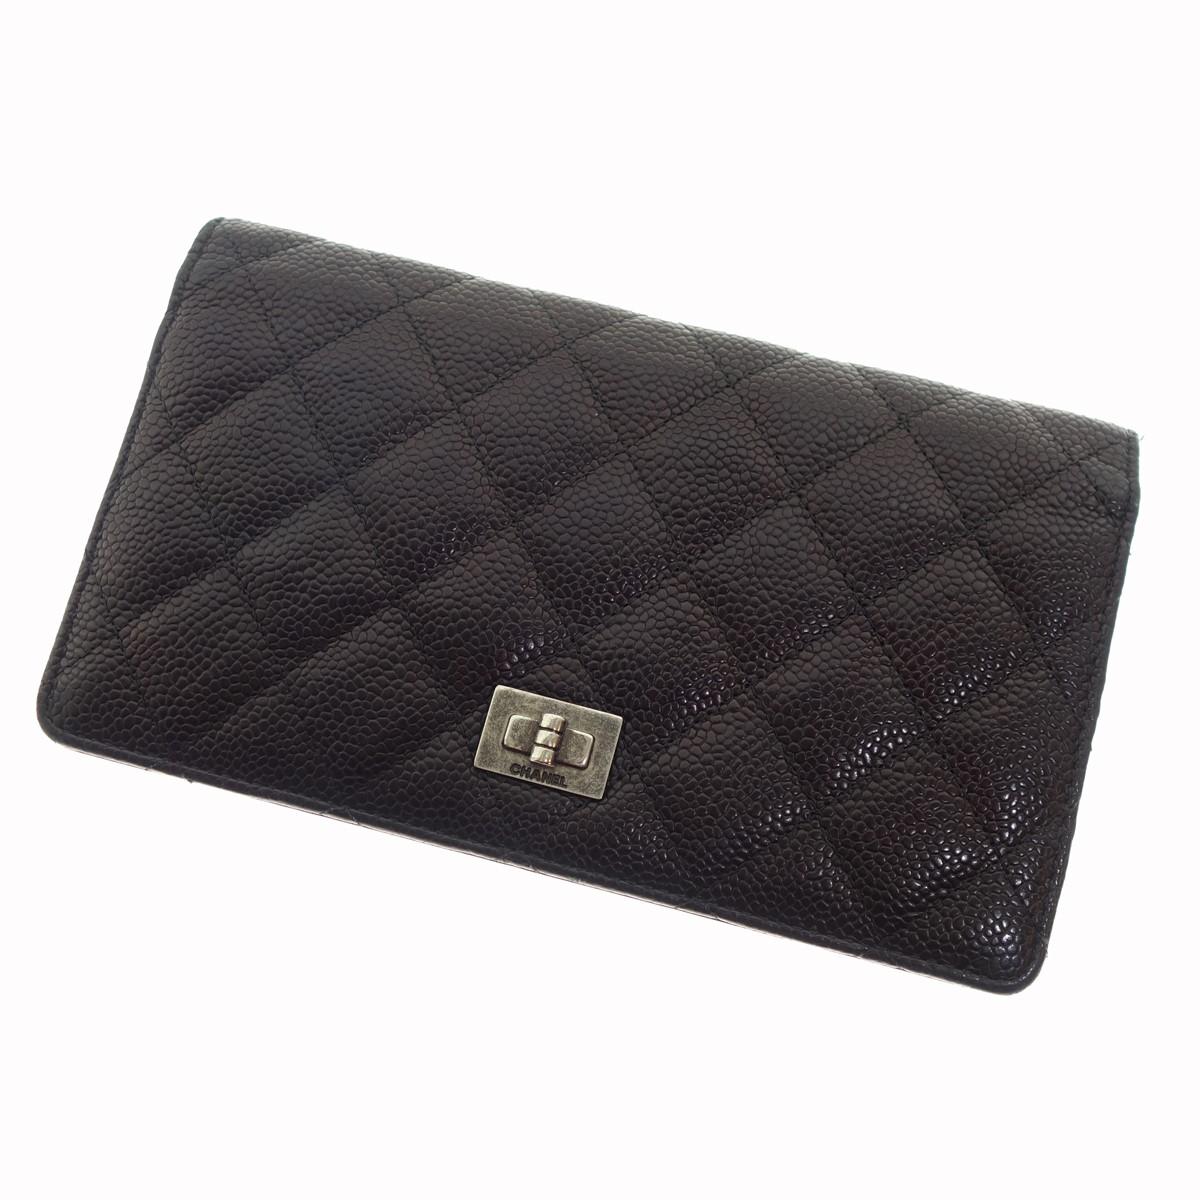 【中古】CHANEL 2.55長財布 キャビアスキン ブラック 【300520】(シャネル)